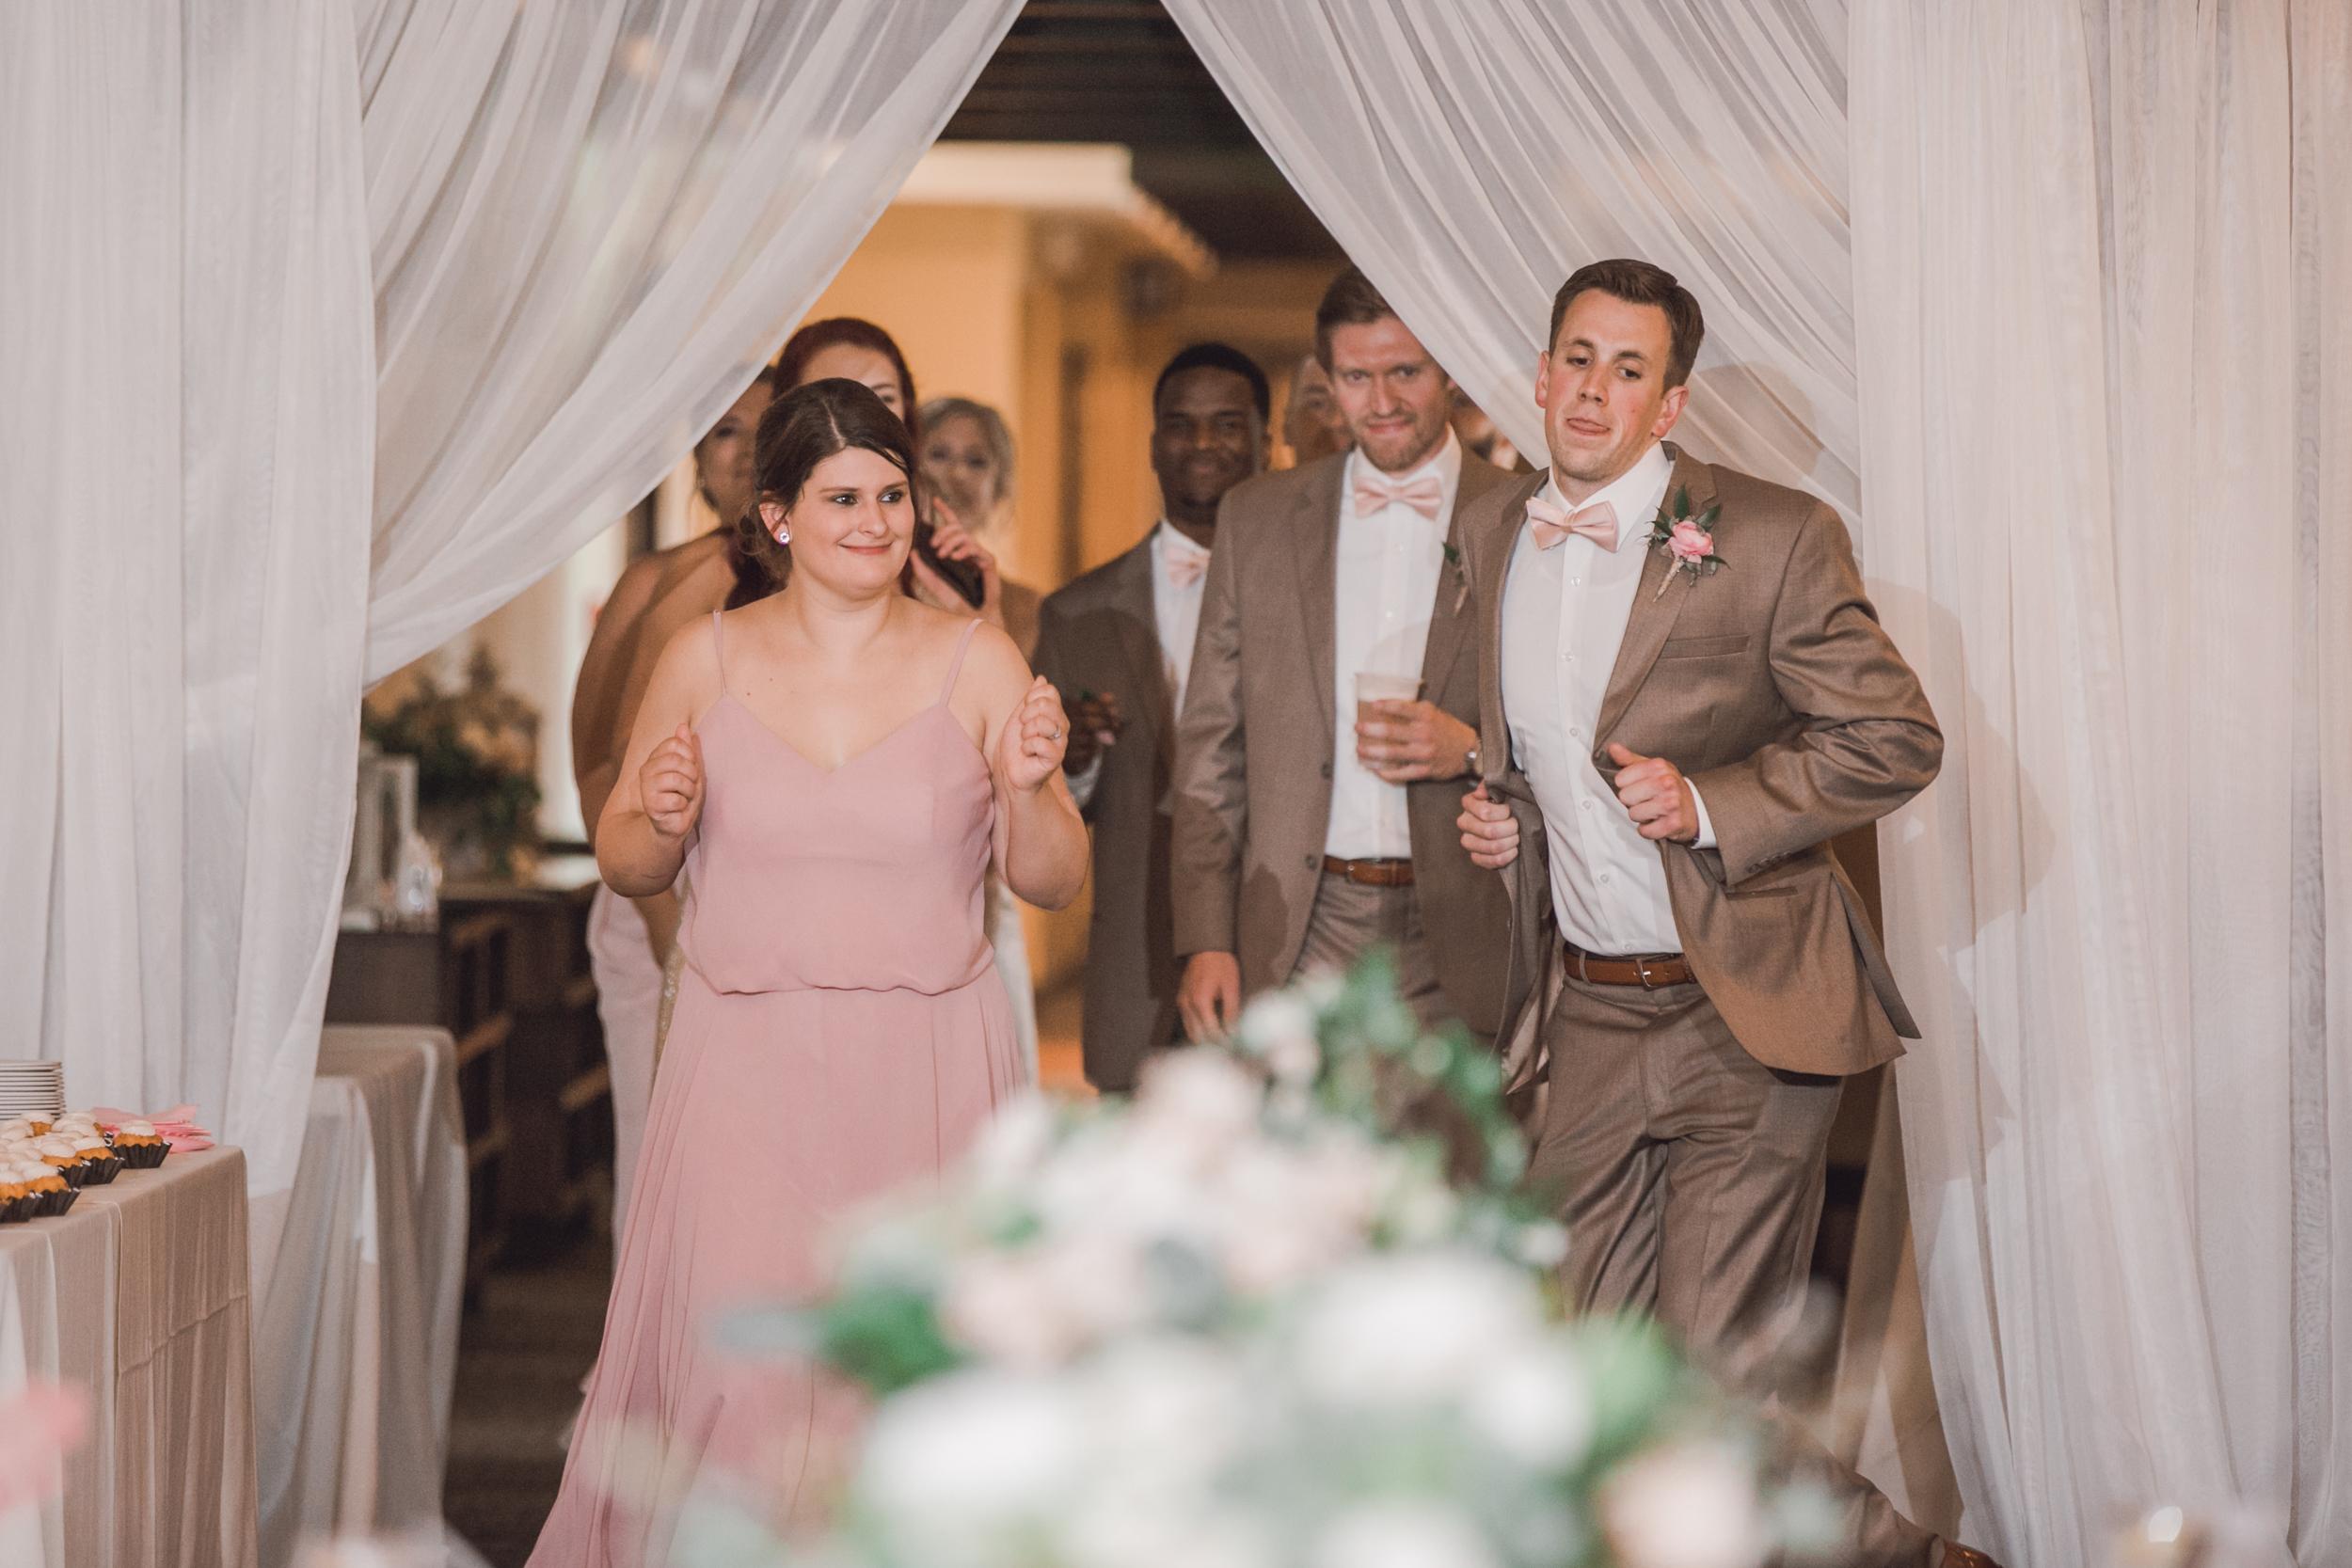 dellwood country club wedding*, Dellwood Country Club*, golf course wedding*, green golf course*, rose pink wedding details*-www.rachelsmak.com59.jpg